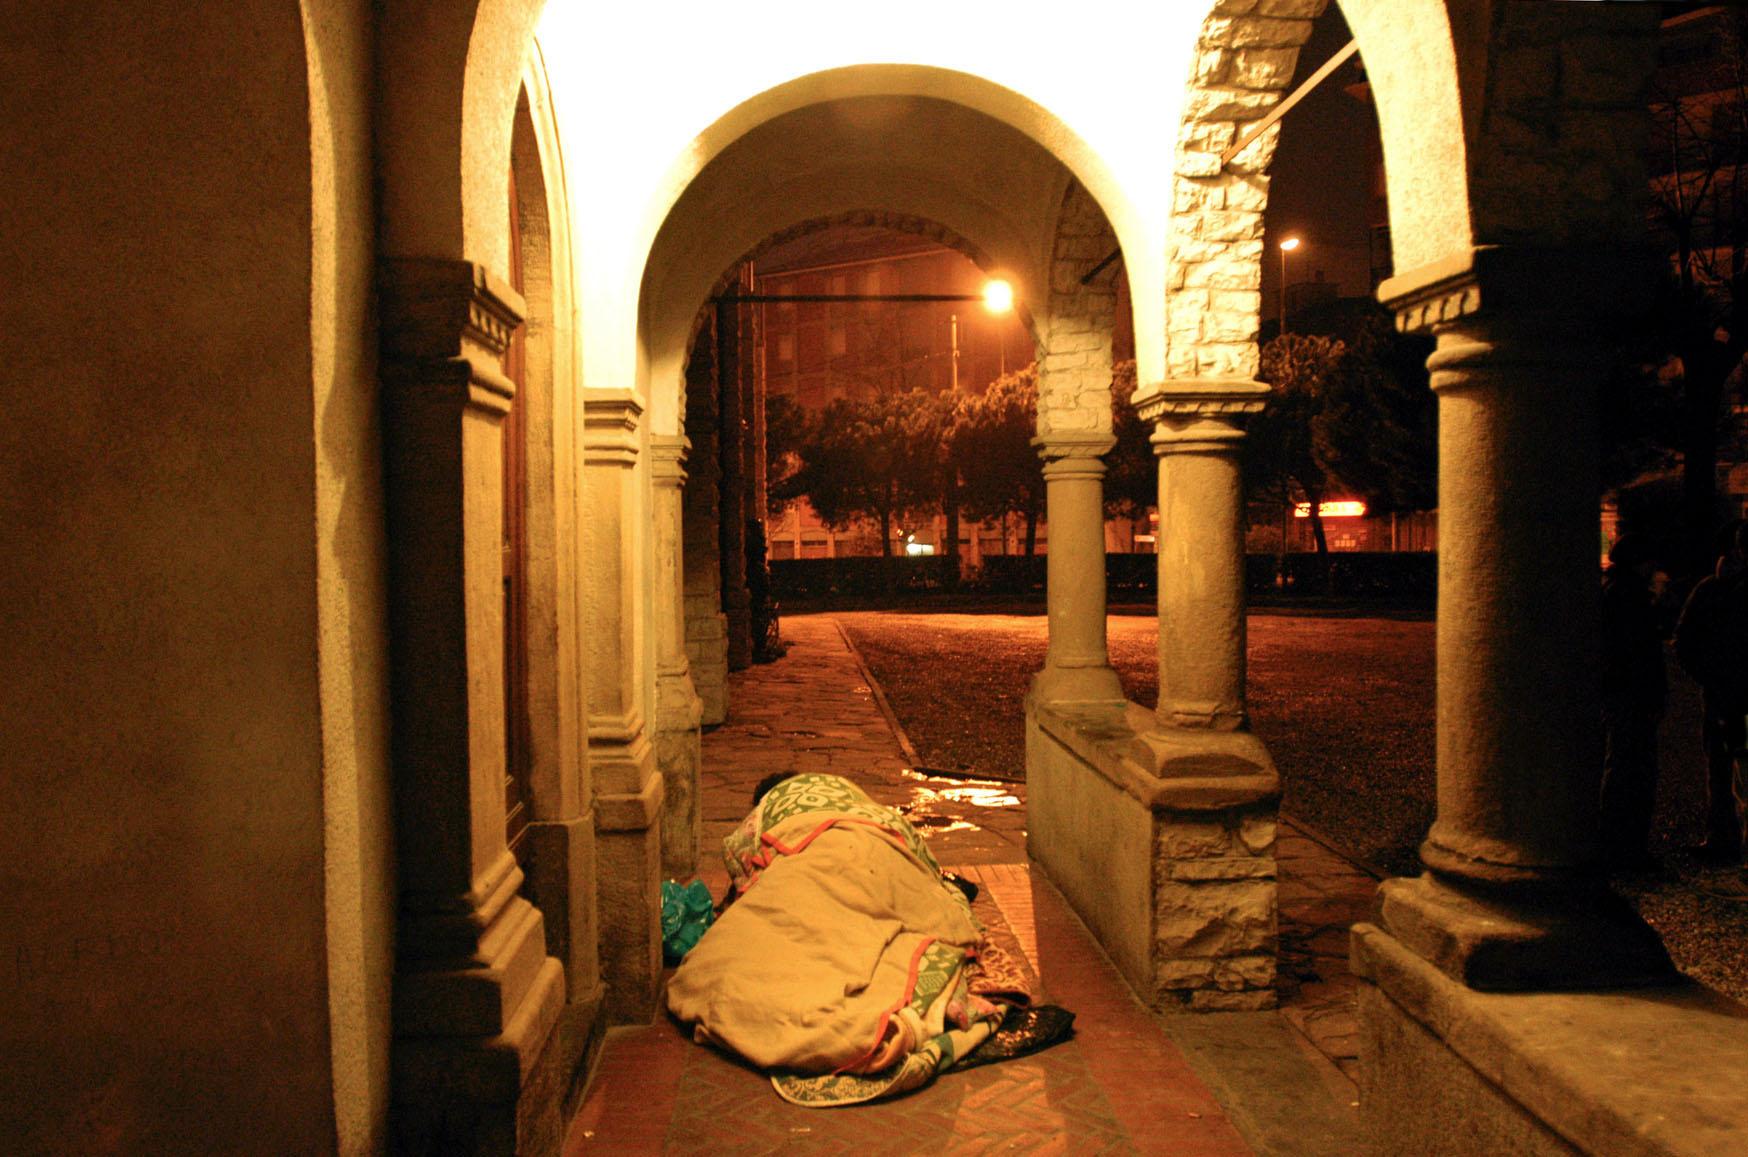 foto pietro sparaco/portichetto chiesa malpensata/per doni-tancredi